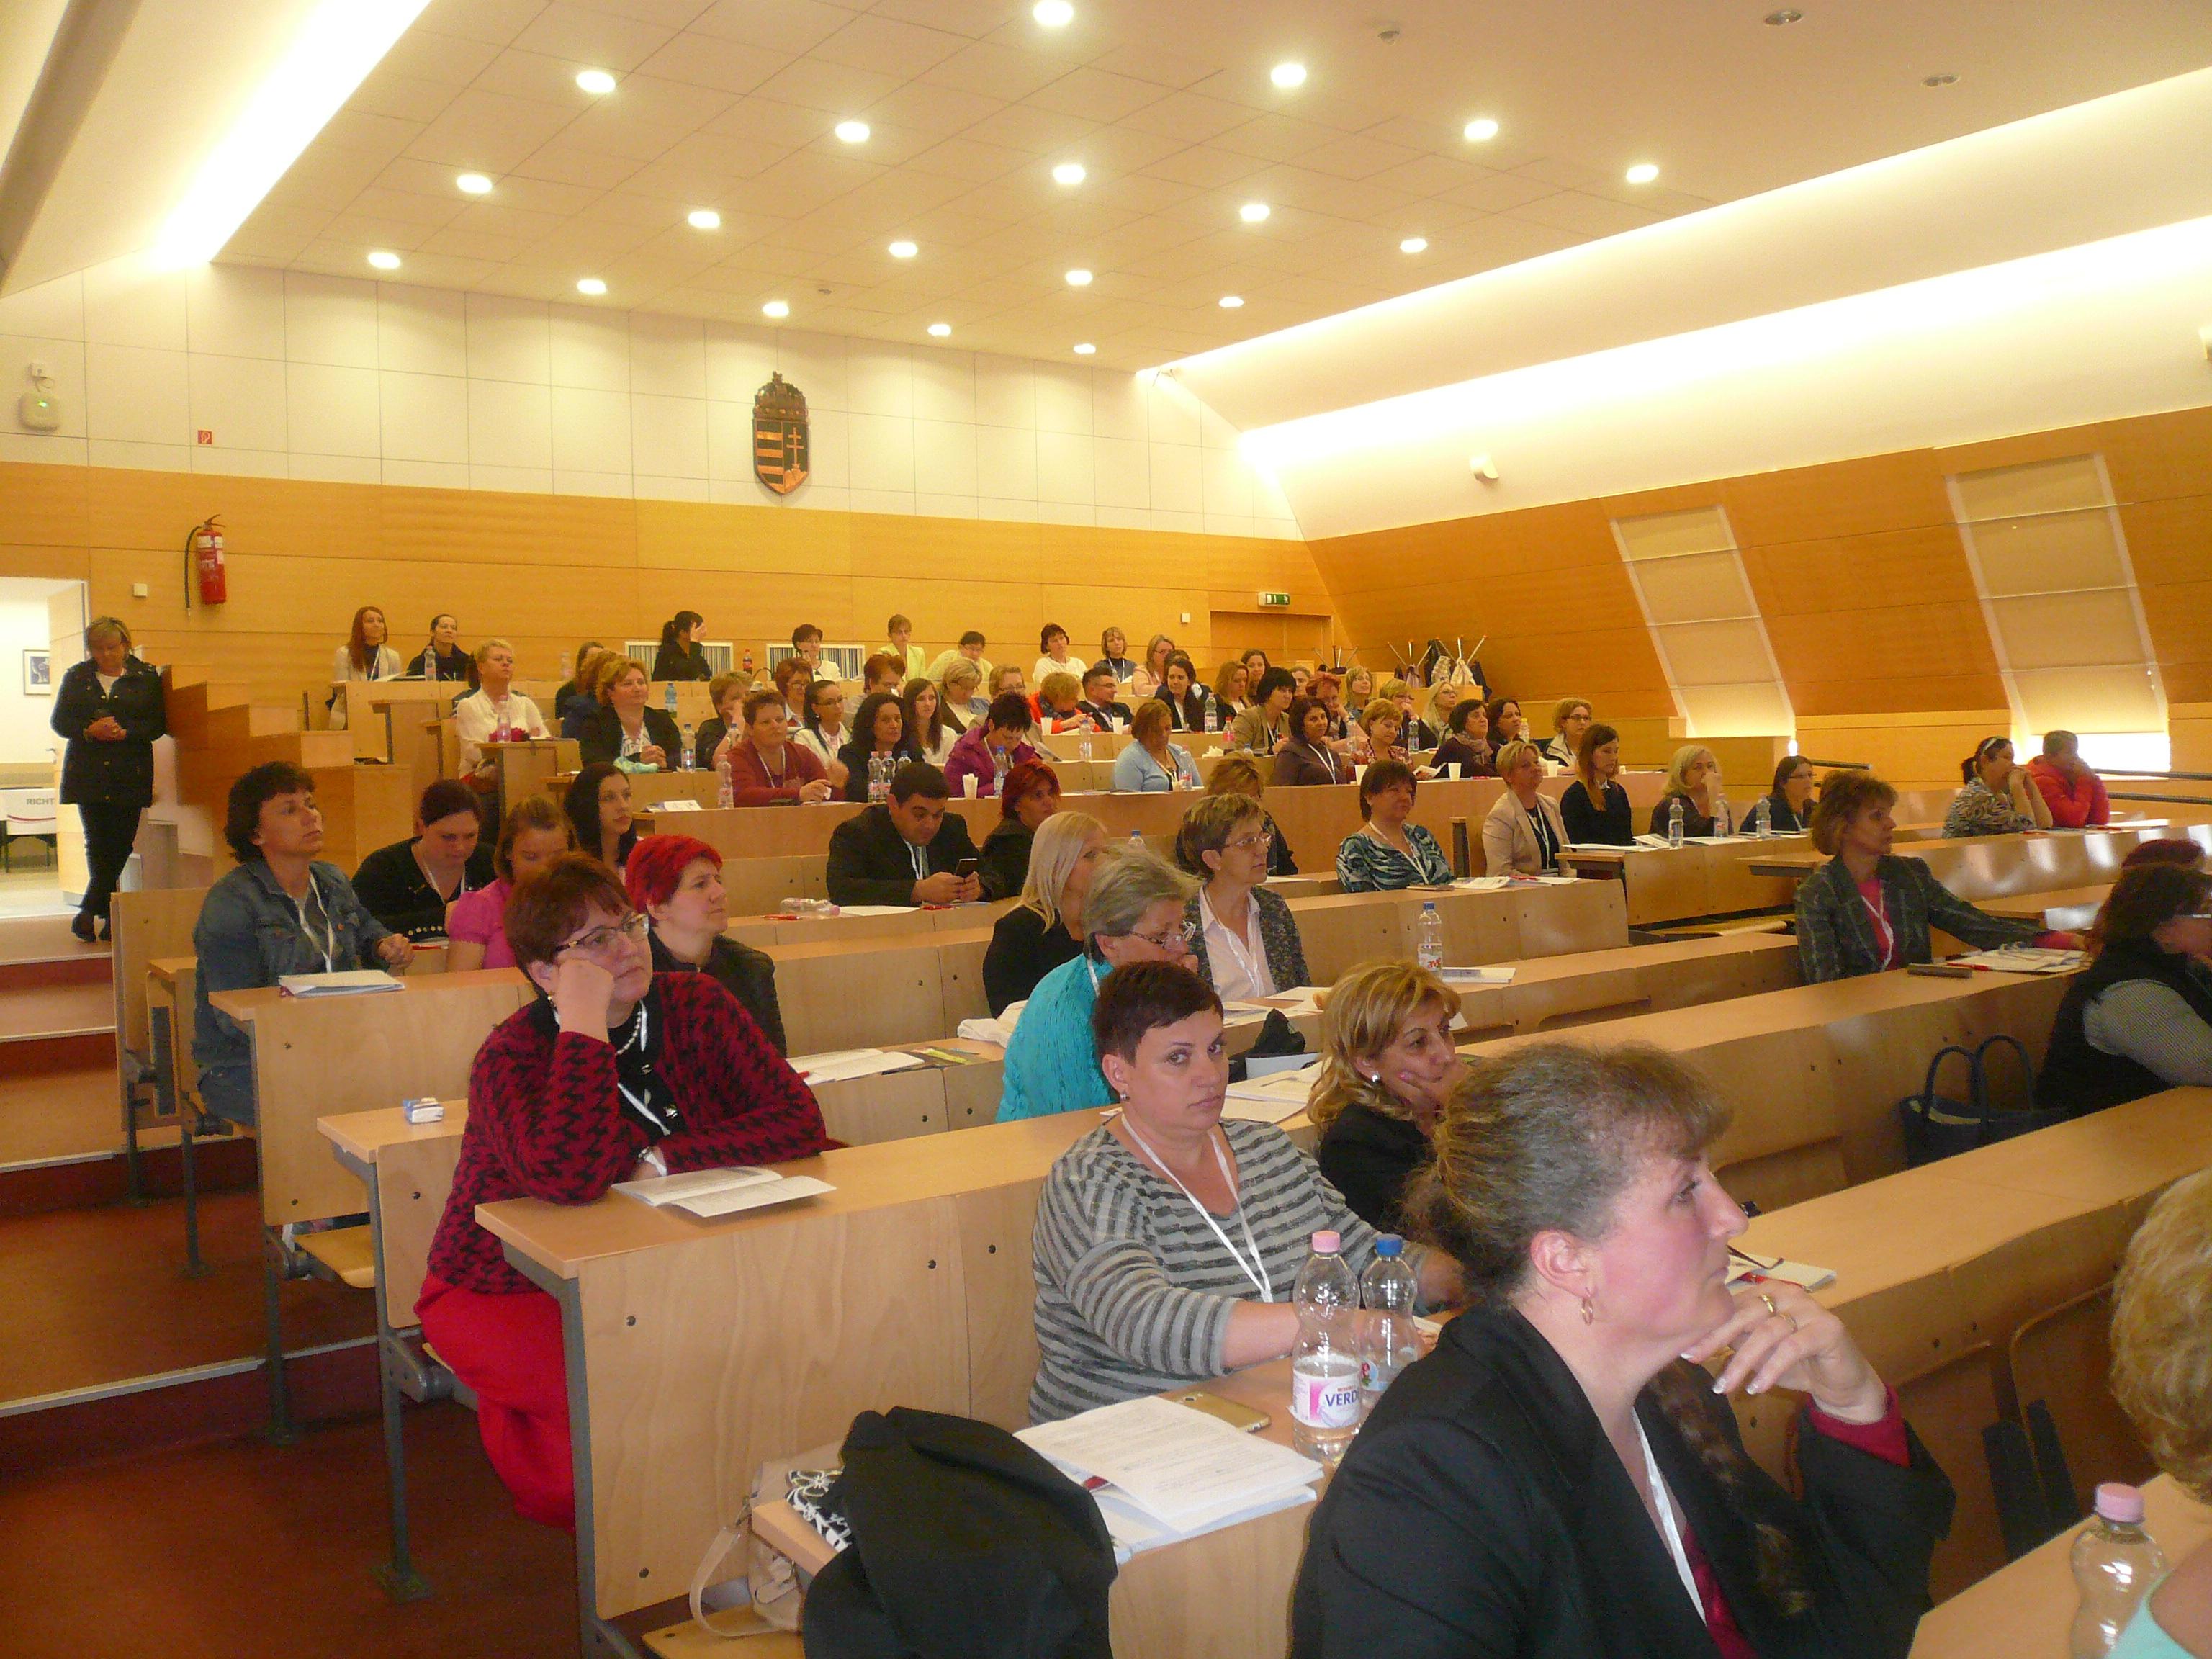 STROKE Szakdolgozói Vándorgyűlés, Debrecen, 2017